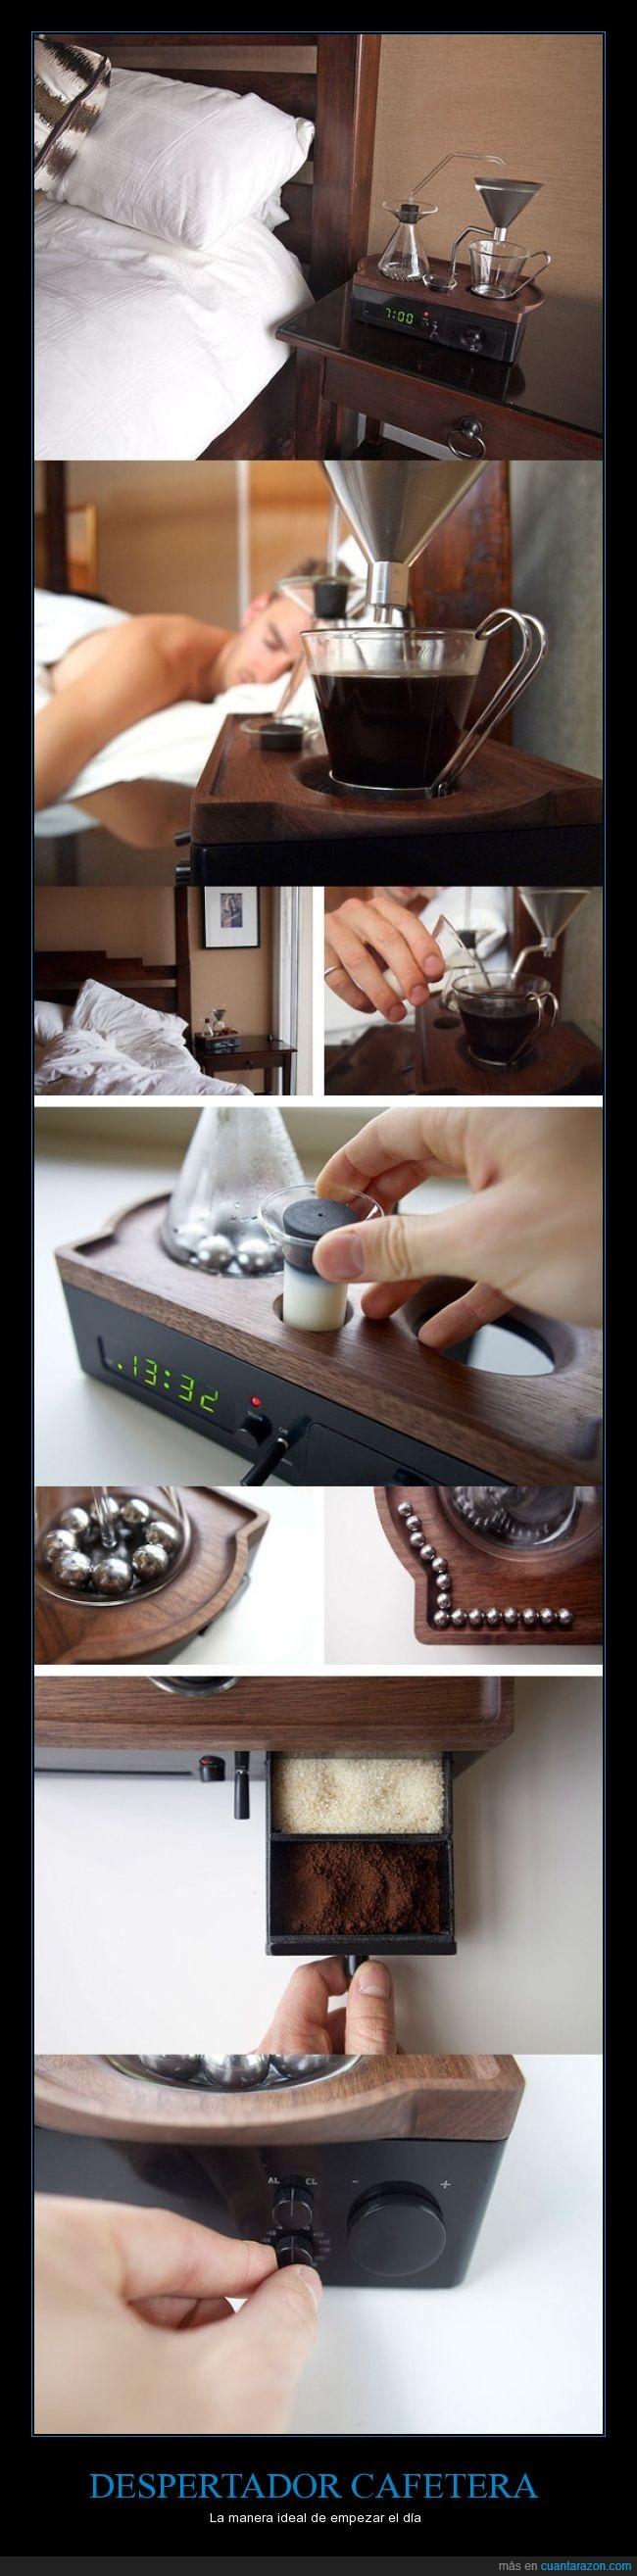 agradable,cafe,despertador,despertar,leche,mañana,olor,reloj